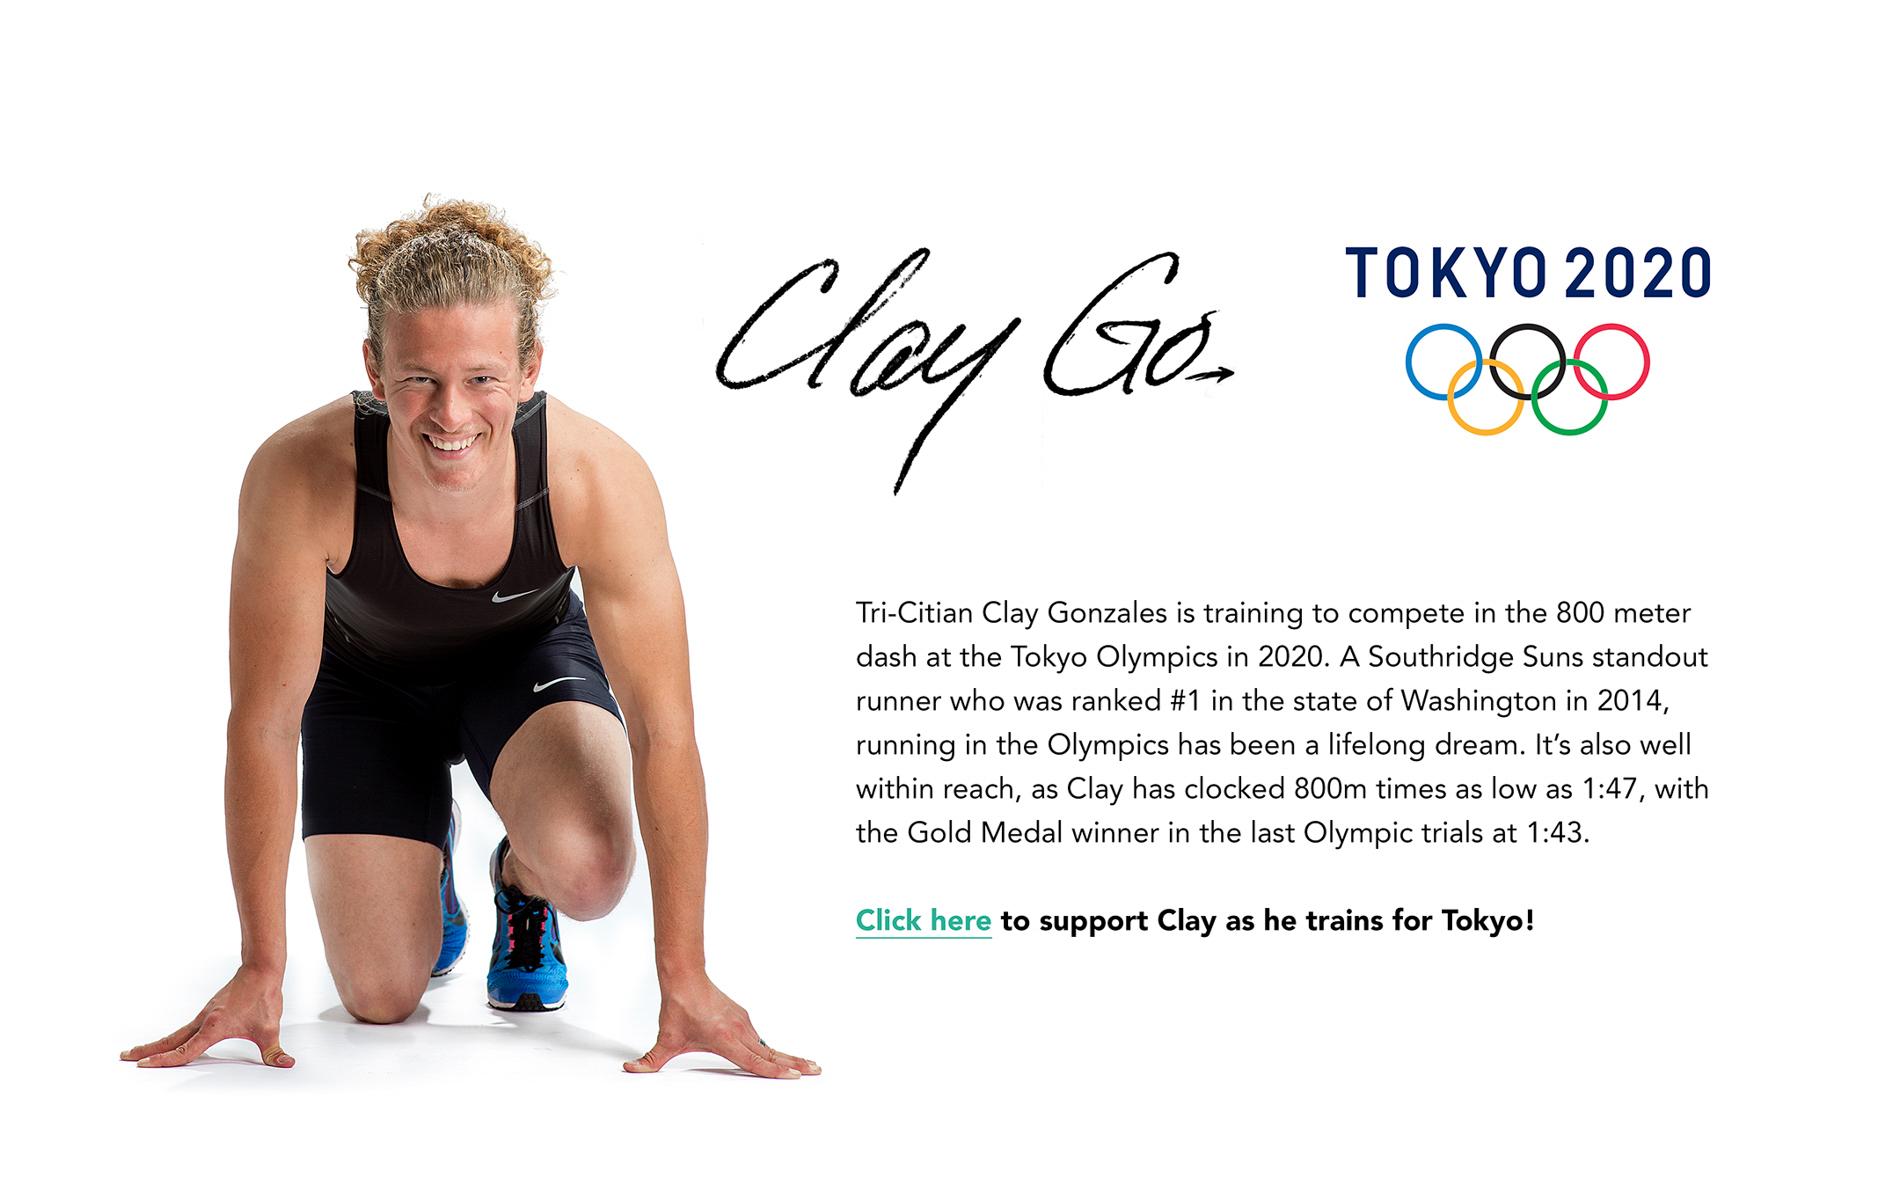 Go Clay Go